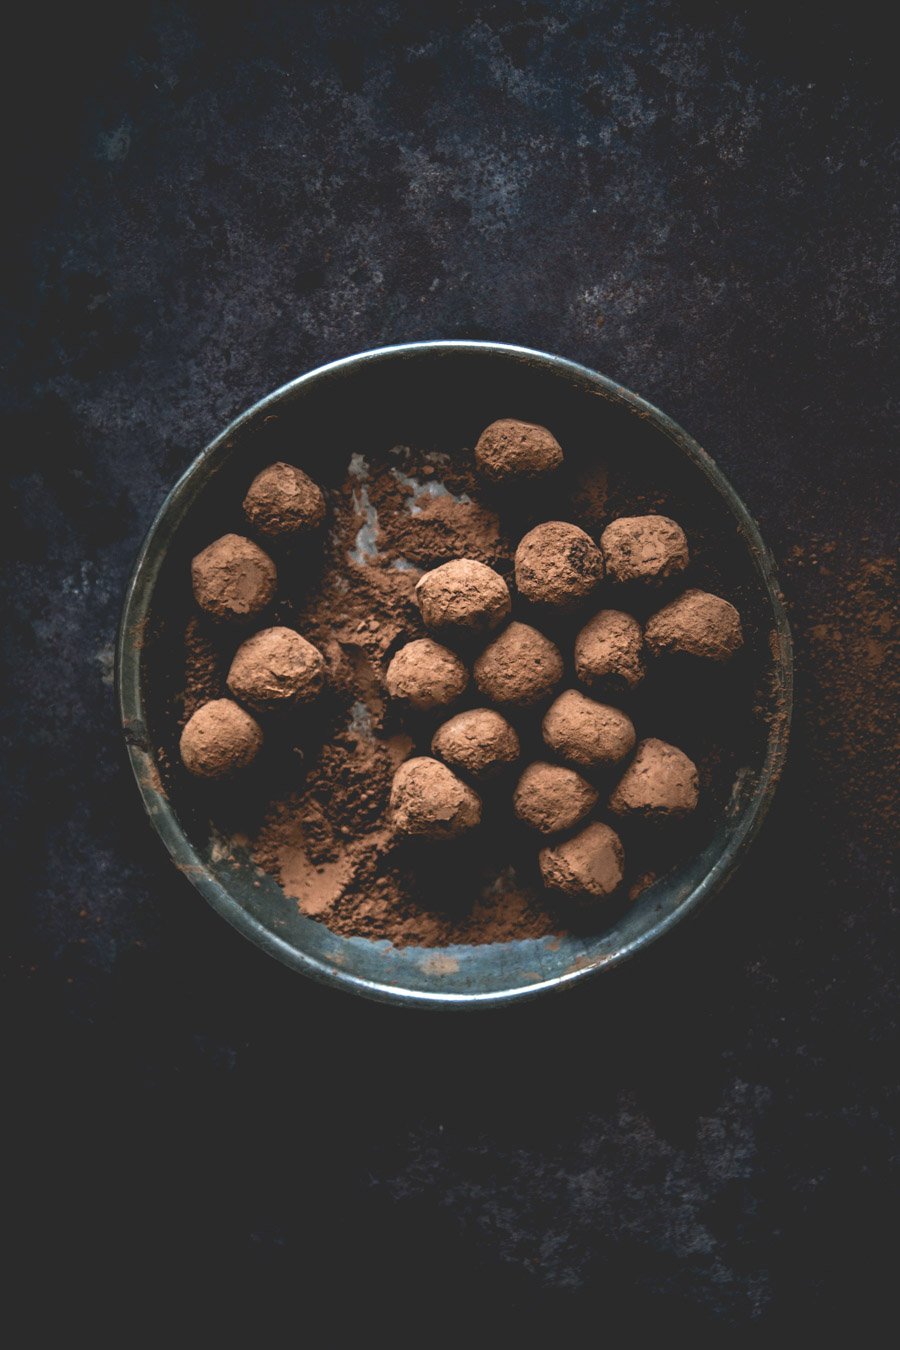 recette-classique-truffes-au-chocolat-noisettes-noix-de-coco-ophelie-lauret-ophelies-kitchen-book-2